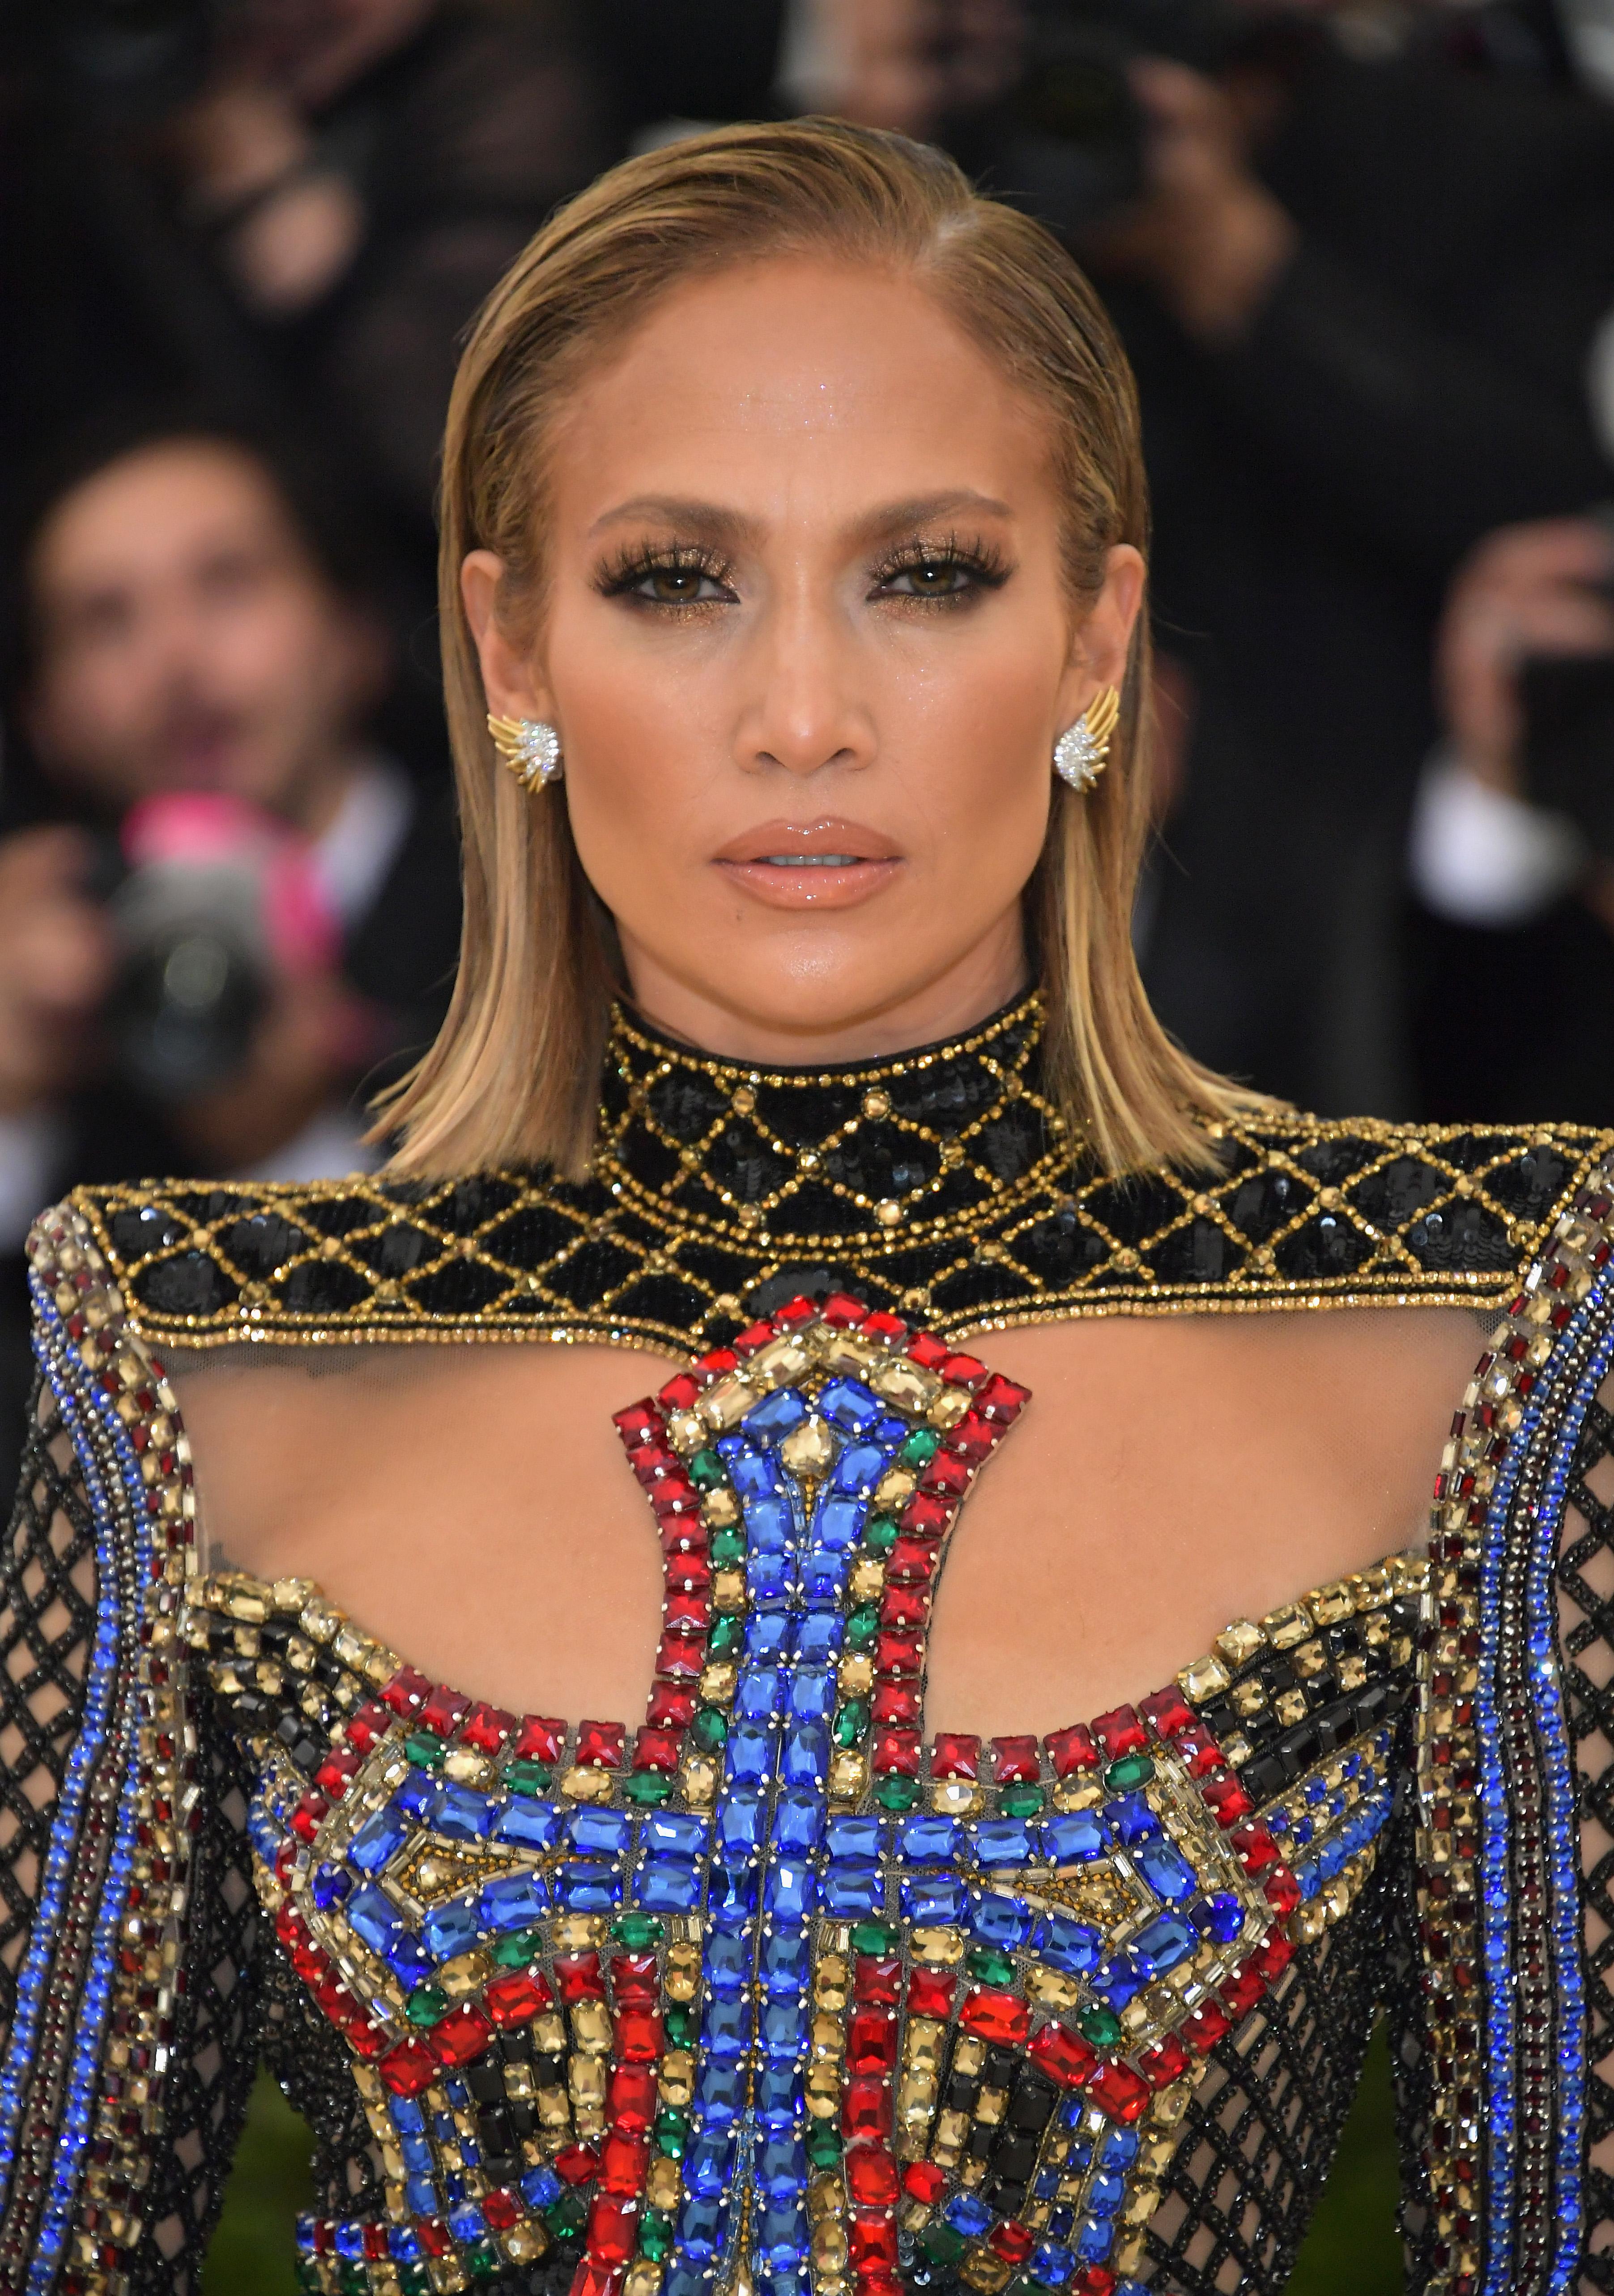 Η Jennifer Lopez έκοψε τα μαλλιά της μια ώρα πριν το Met Gala!   tlife.gr